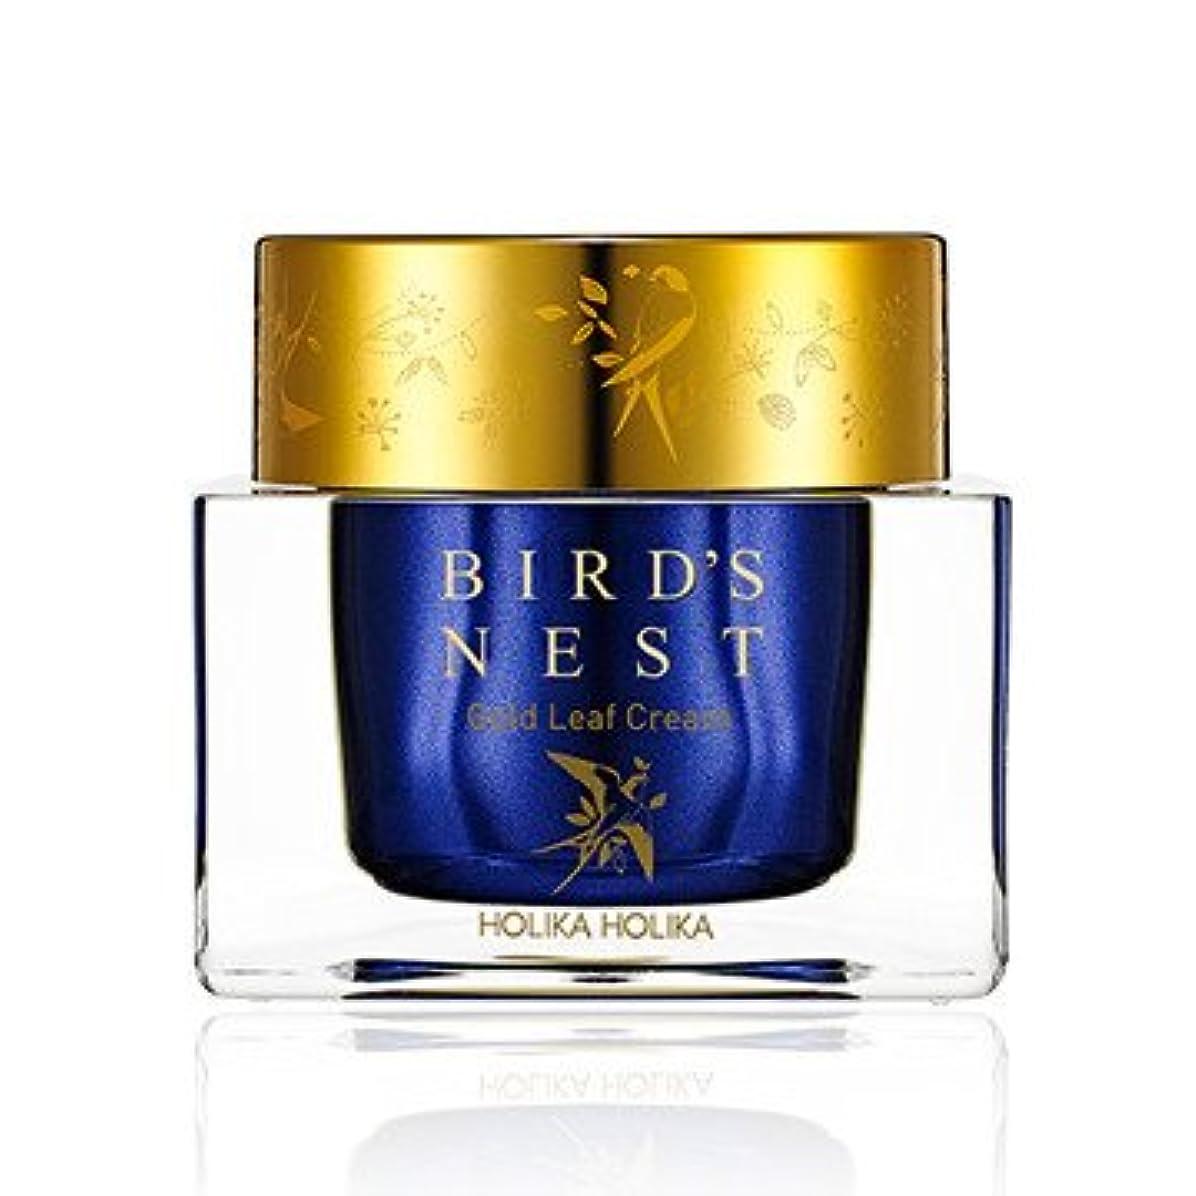 狂った喪贅沢[2018 NEW] ホリカホリカ プライムユース バーズネスト ゴールドリーフ クリーム/Holika Holika Prime Youth Birds Nest Gold Leaf Cream 55ml [並行輸入品]